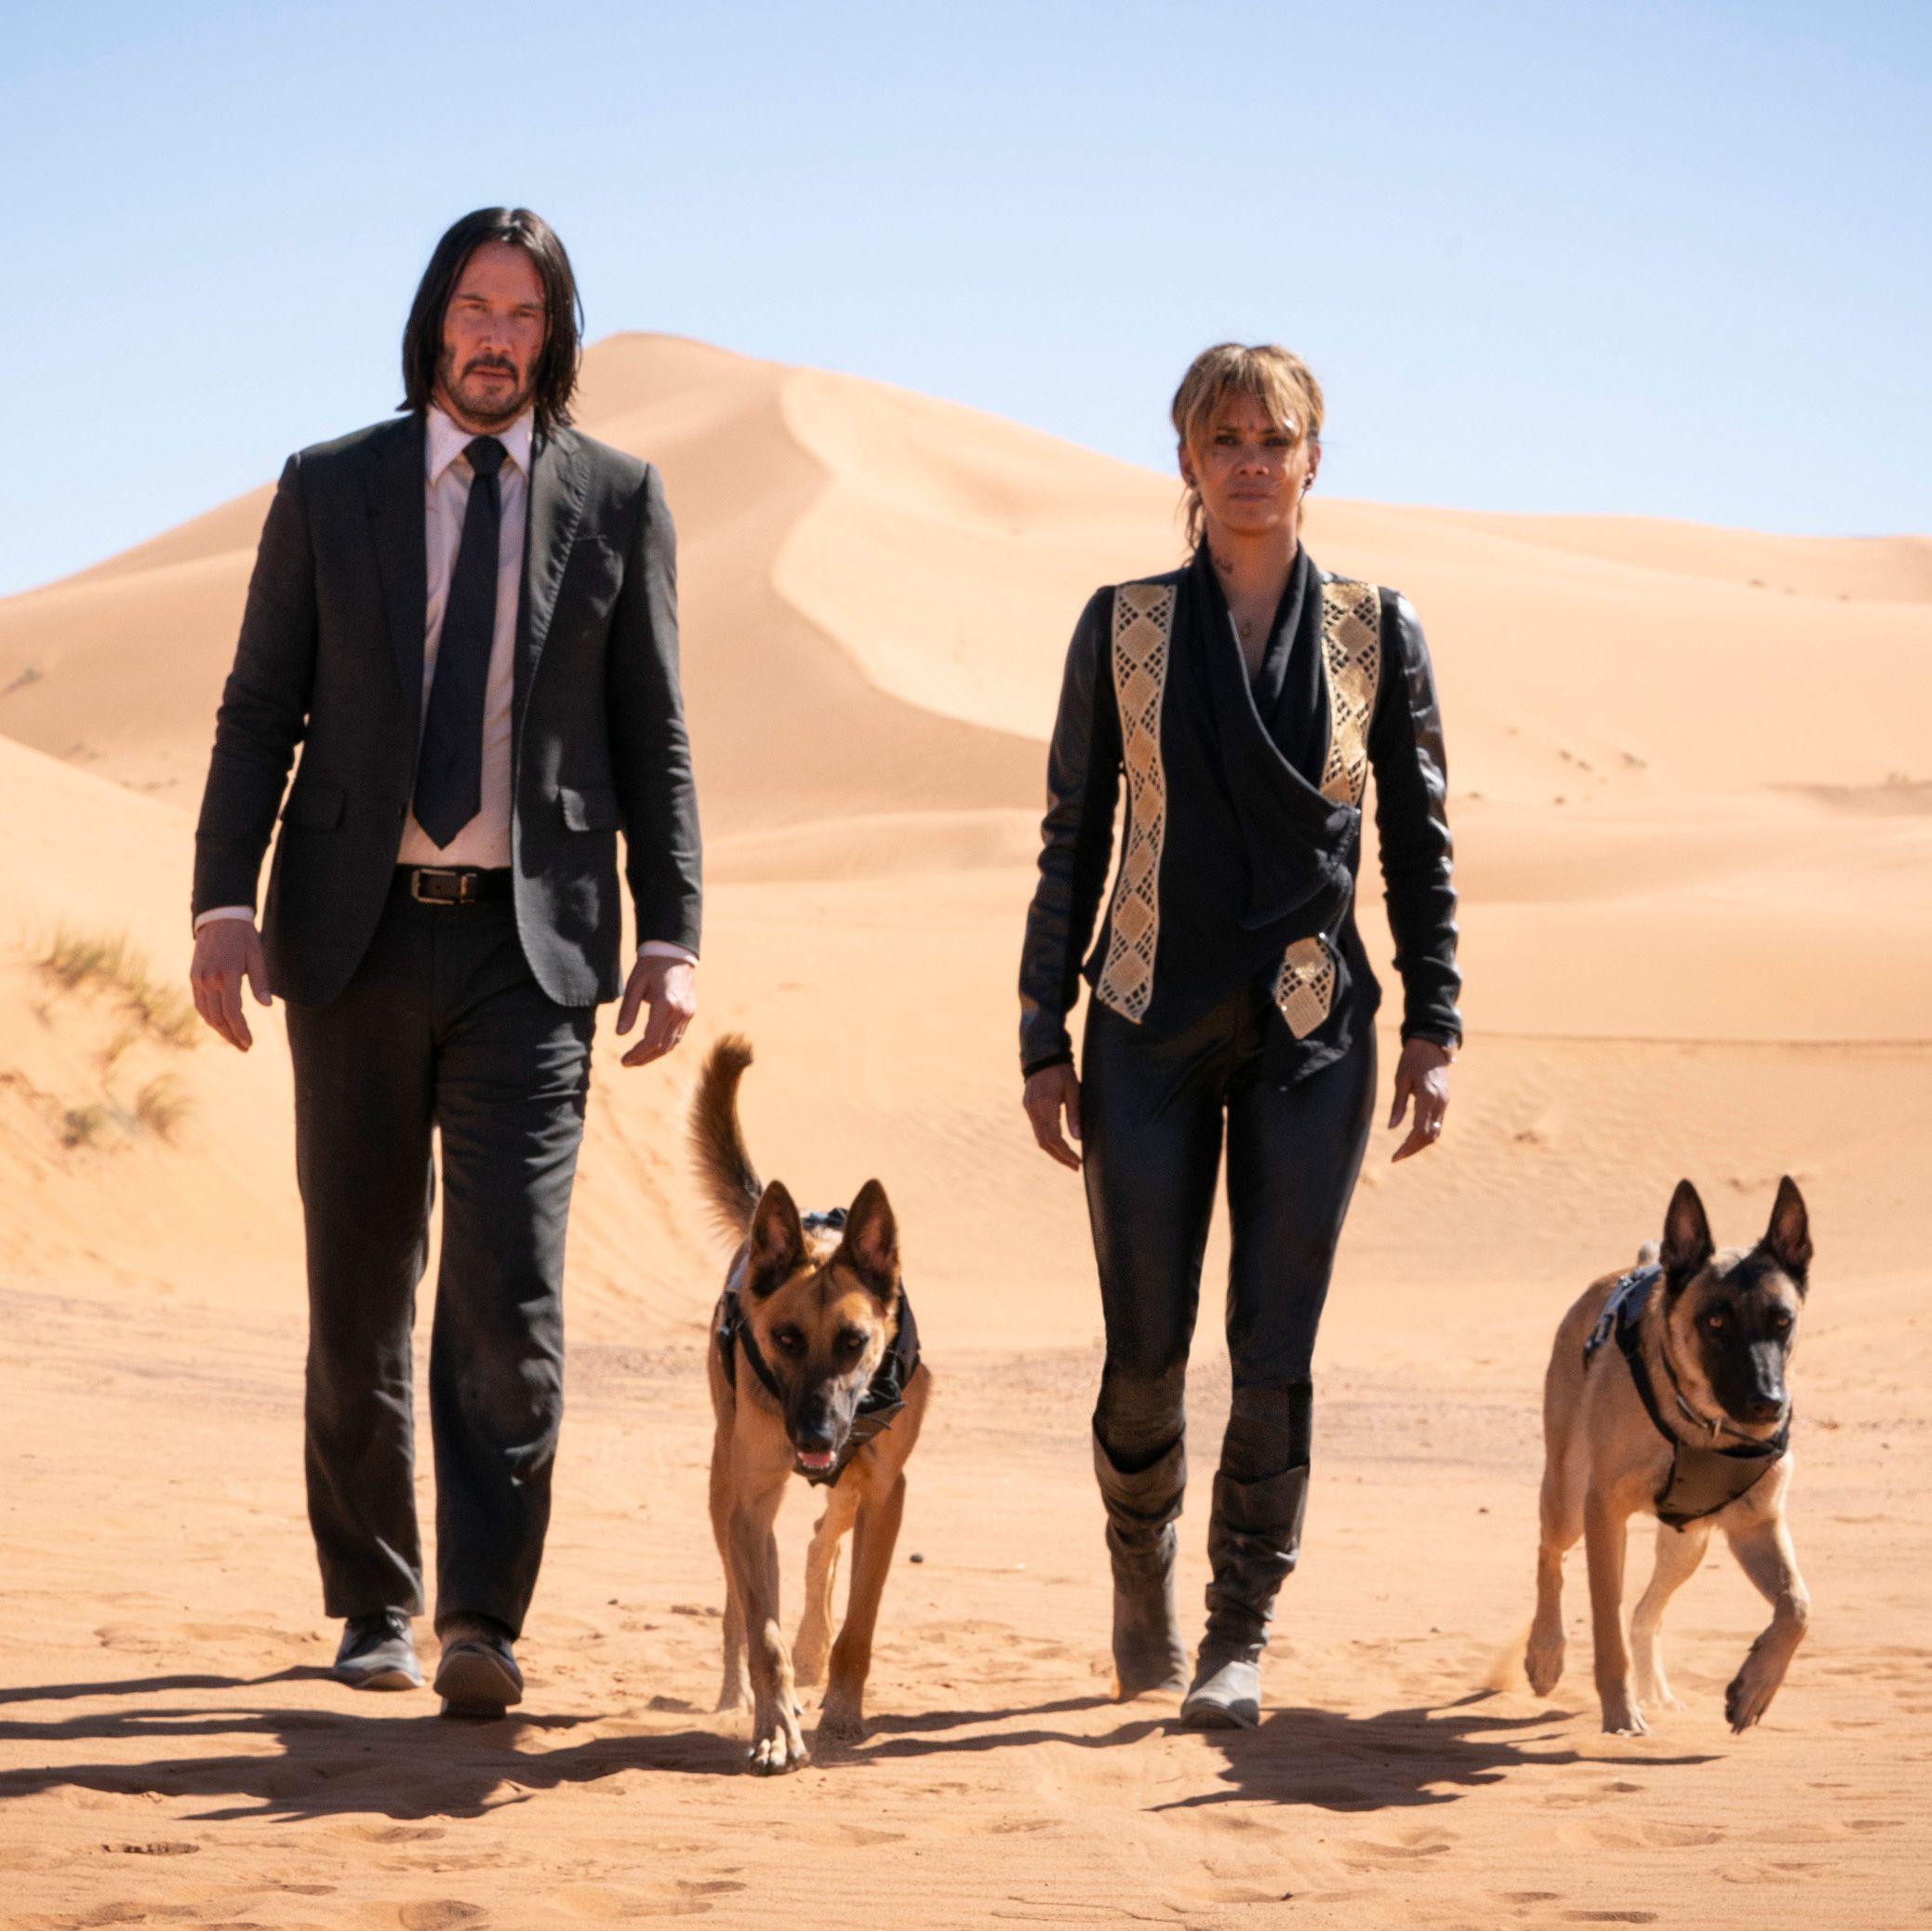 John Wick 3 knocks Avenger: Endgame from US box office top spot